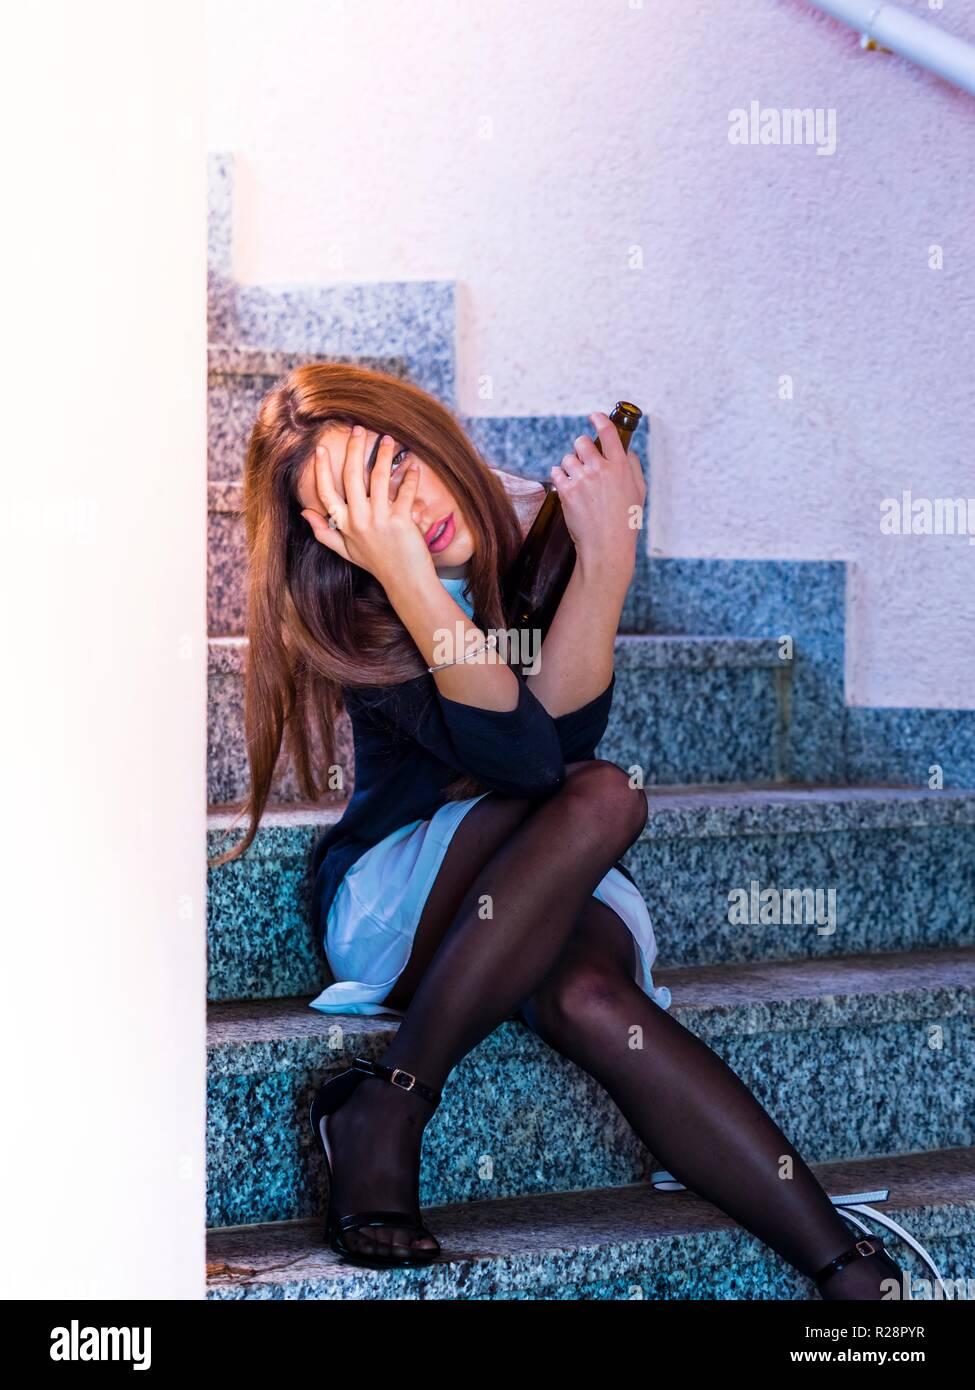 Adolescente adolescente aka mujer joven piernas talones Foto de stock